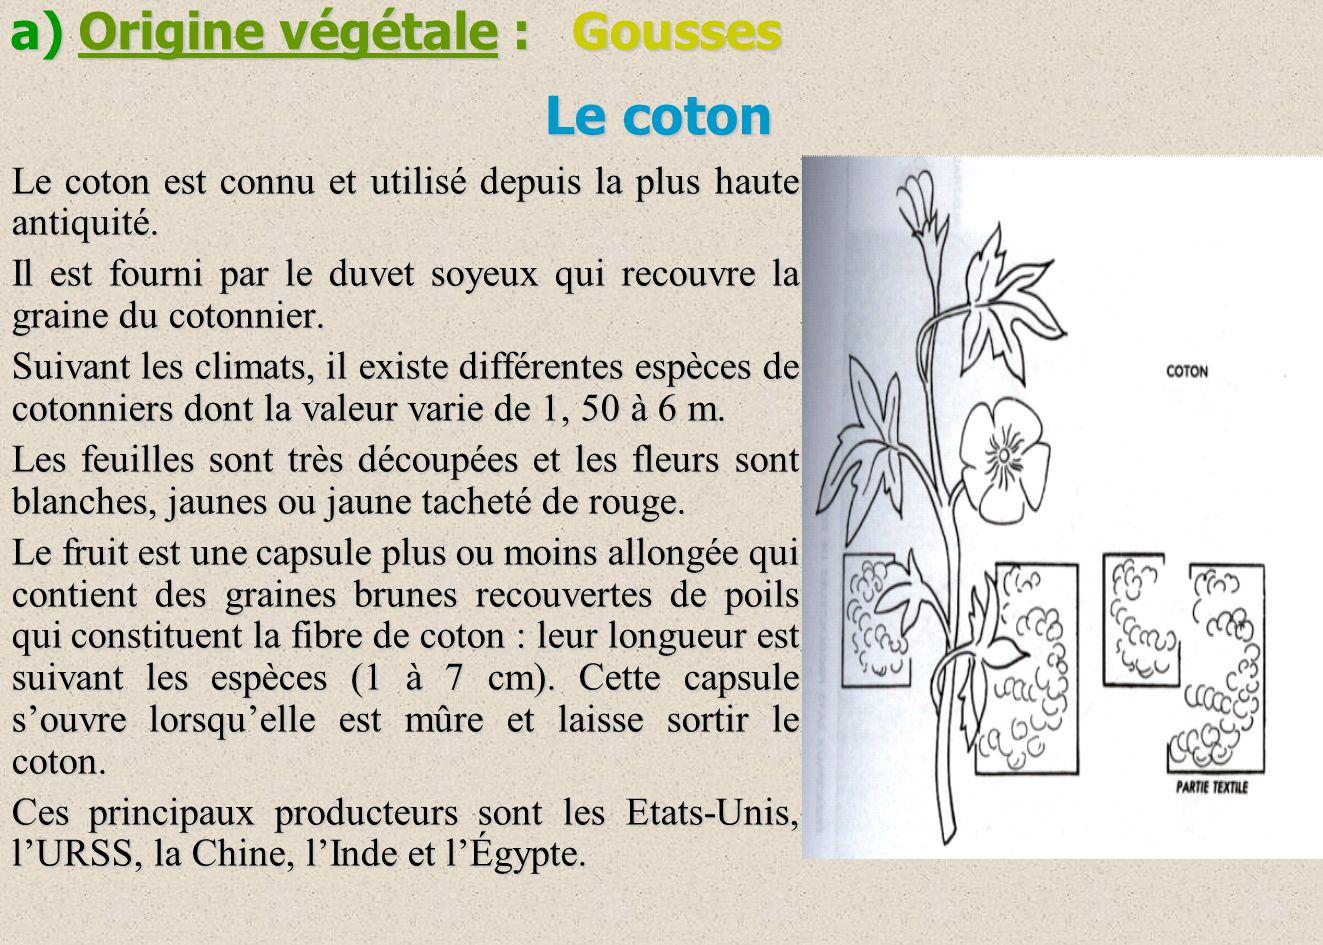 a) Origine végétale : Feuilles Sisal - Maguey Hennequin Ces plantes sont des agaves qui poussent à létat sauvage sous le climat équatorial (Brésil, Mexique, Tanzanie, Kenya).